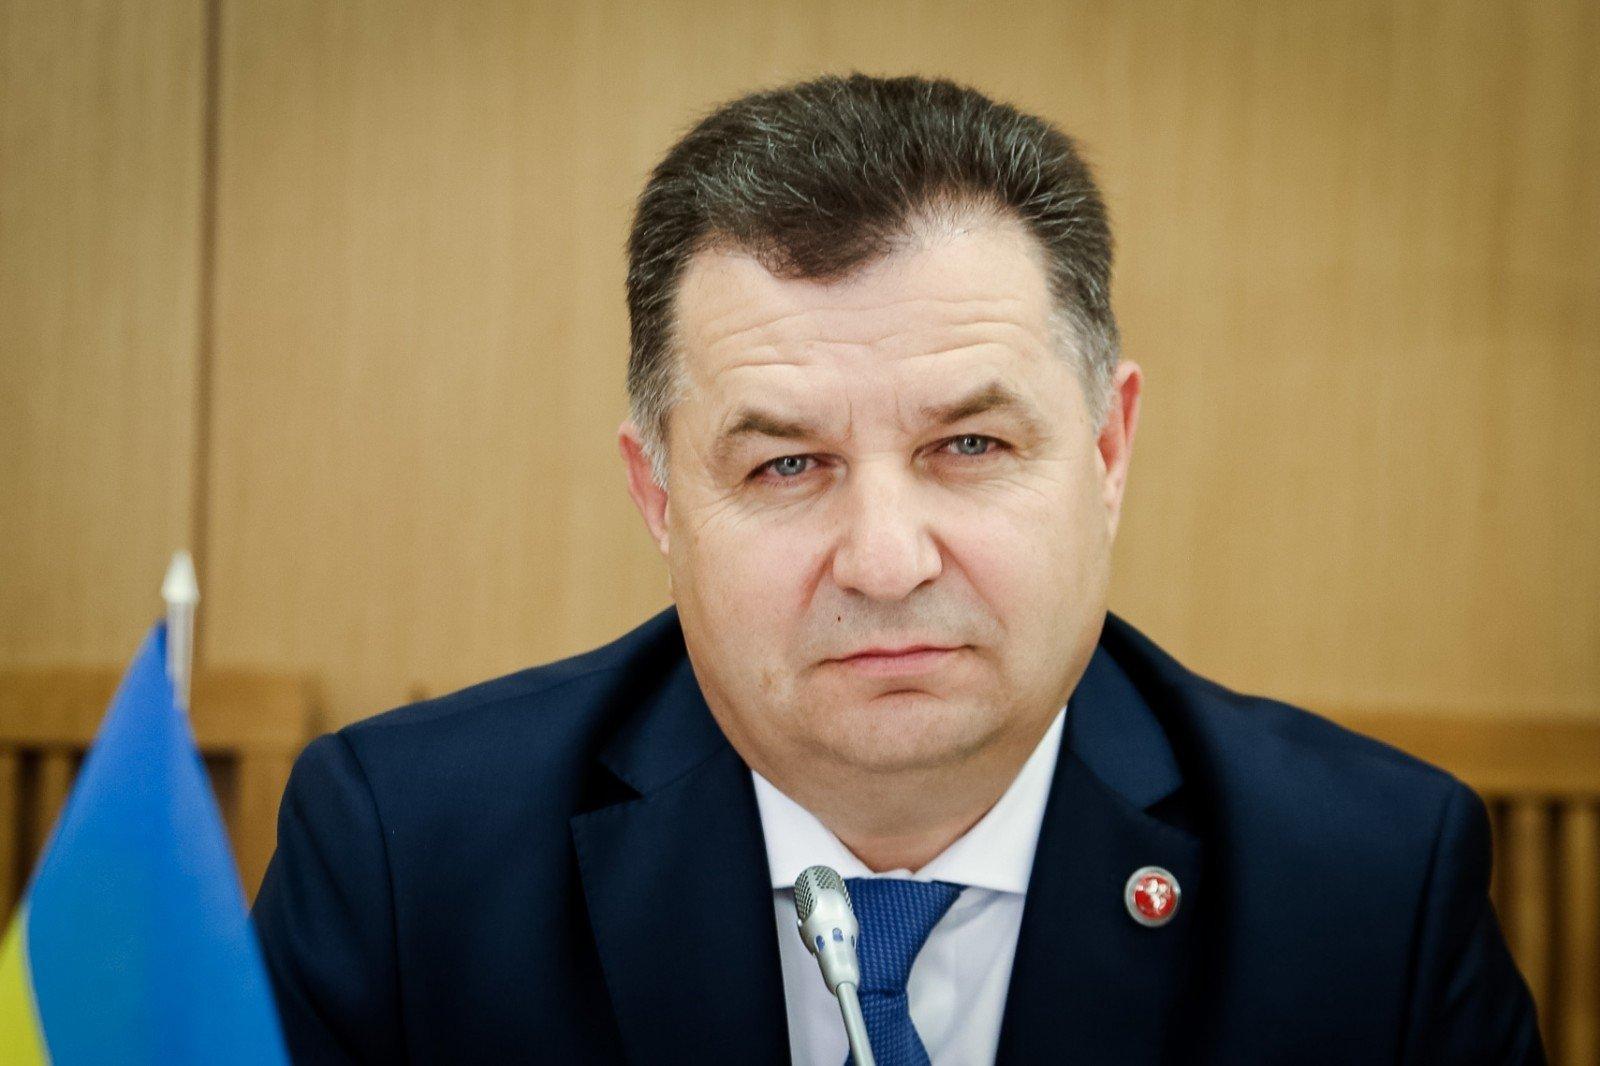 Литва предложила увеличить численность своих военных инструкторов вУкраине